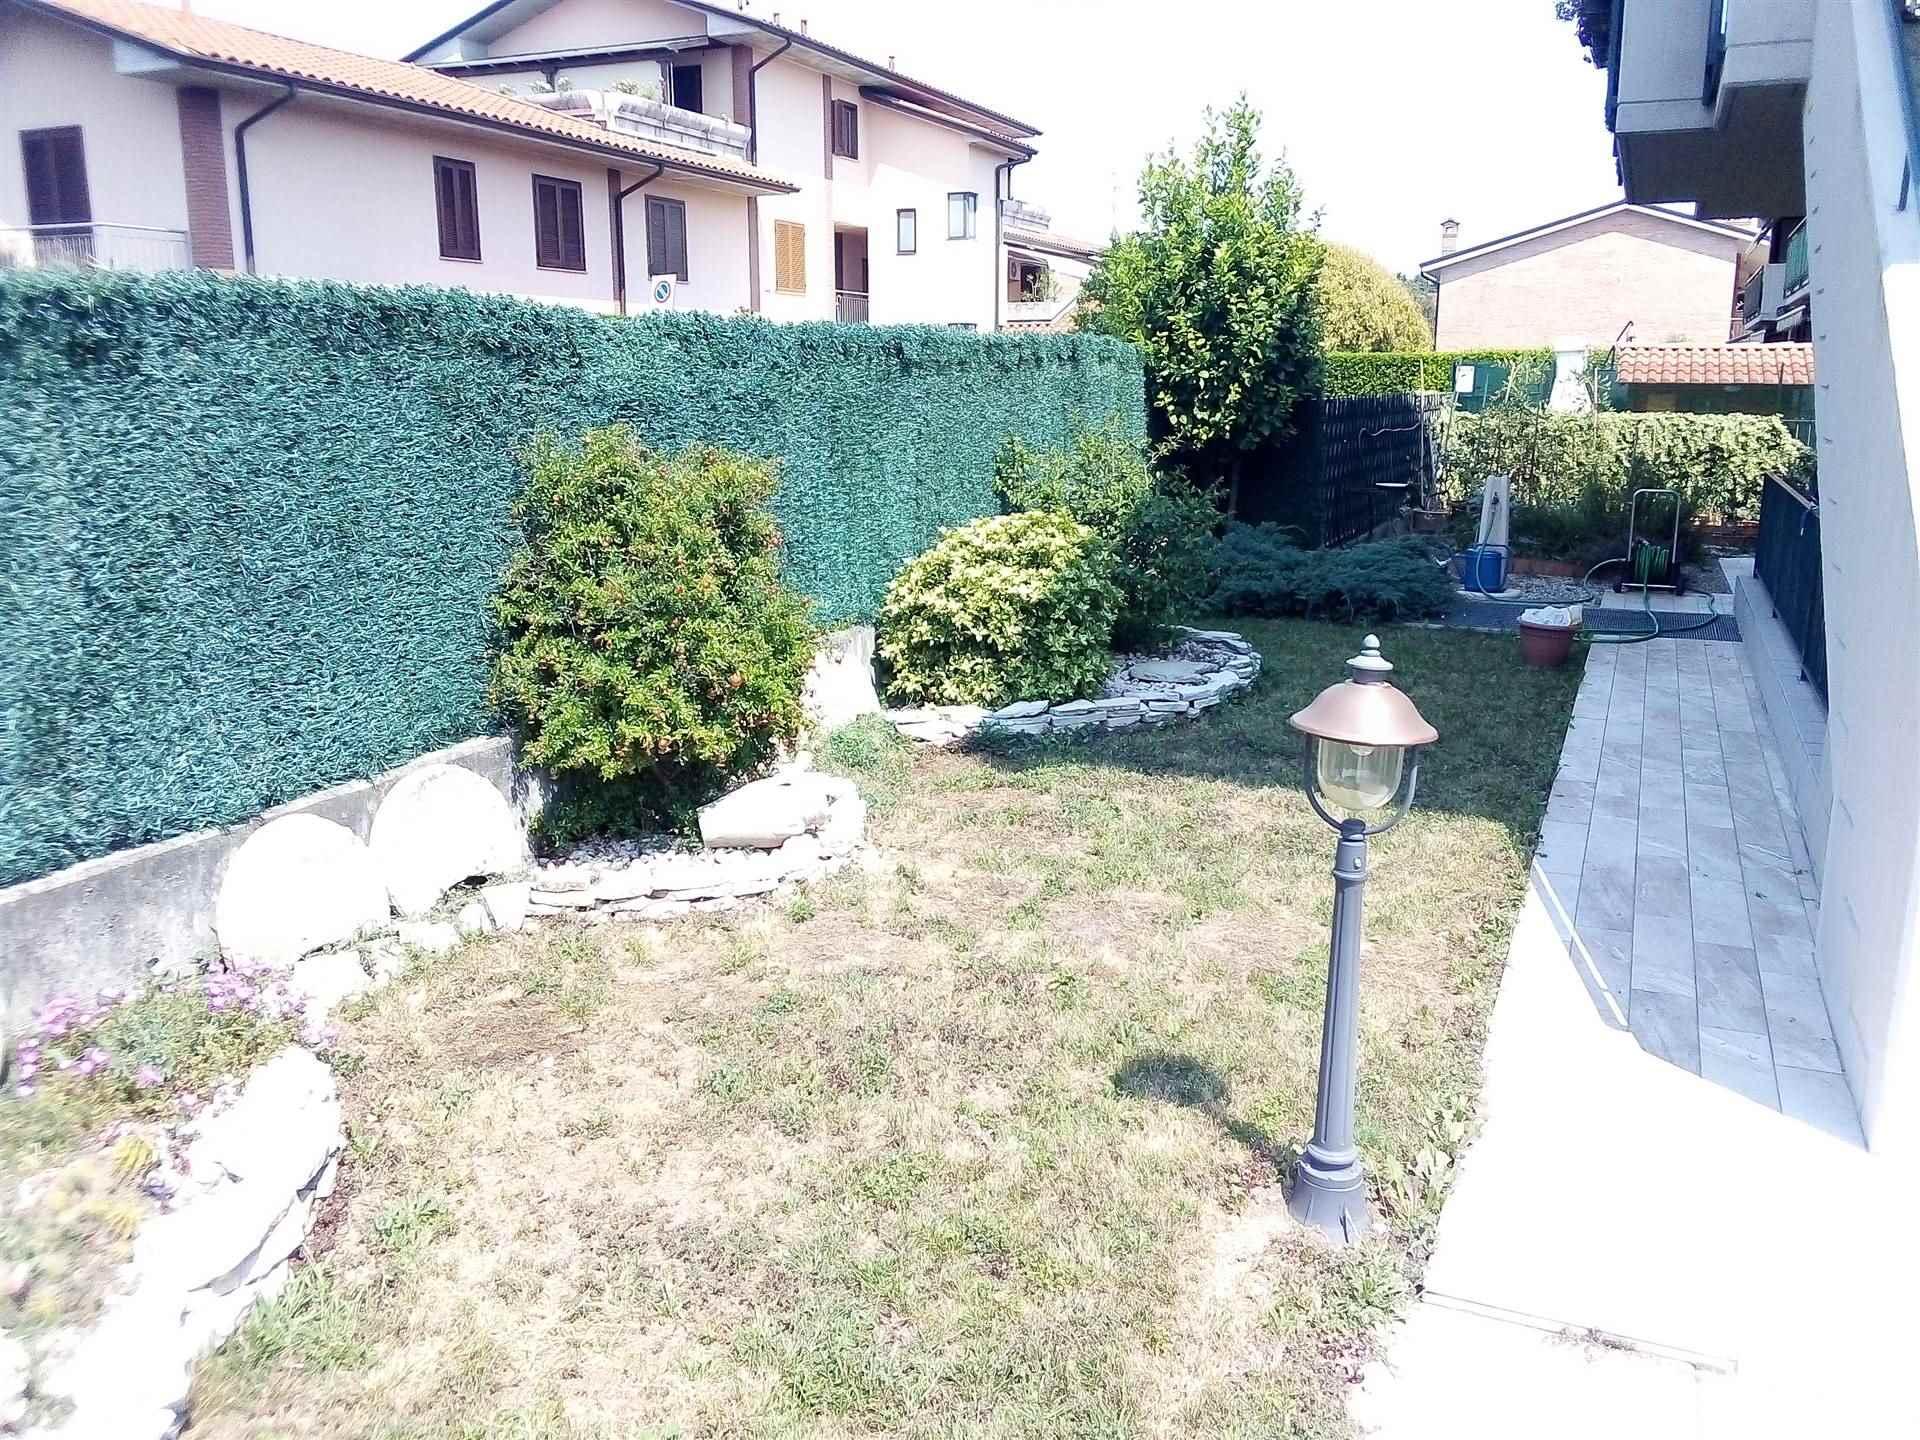 Appartamento in vendita a Boltiere, 3 locali, prezzo € 175.000 | CambioCasa.it